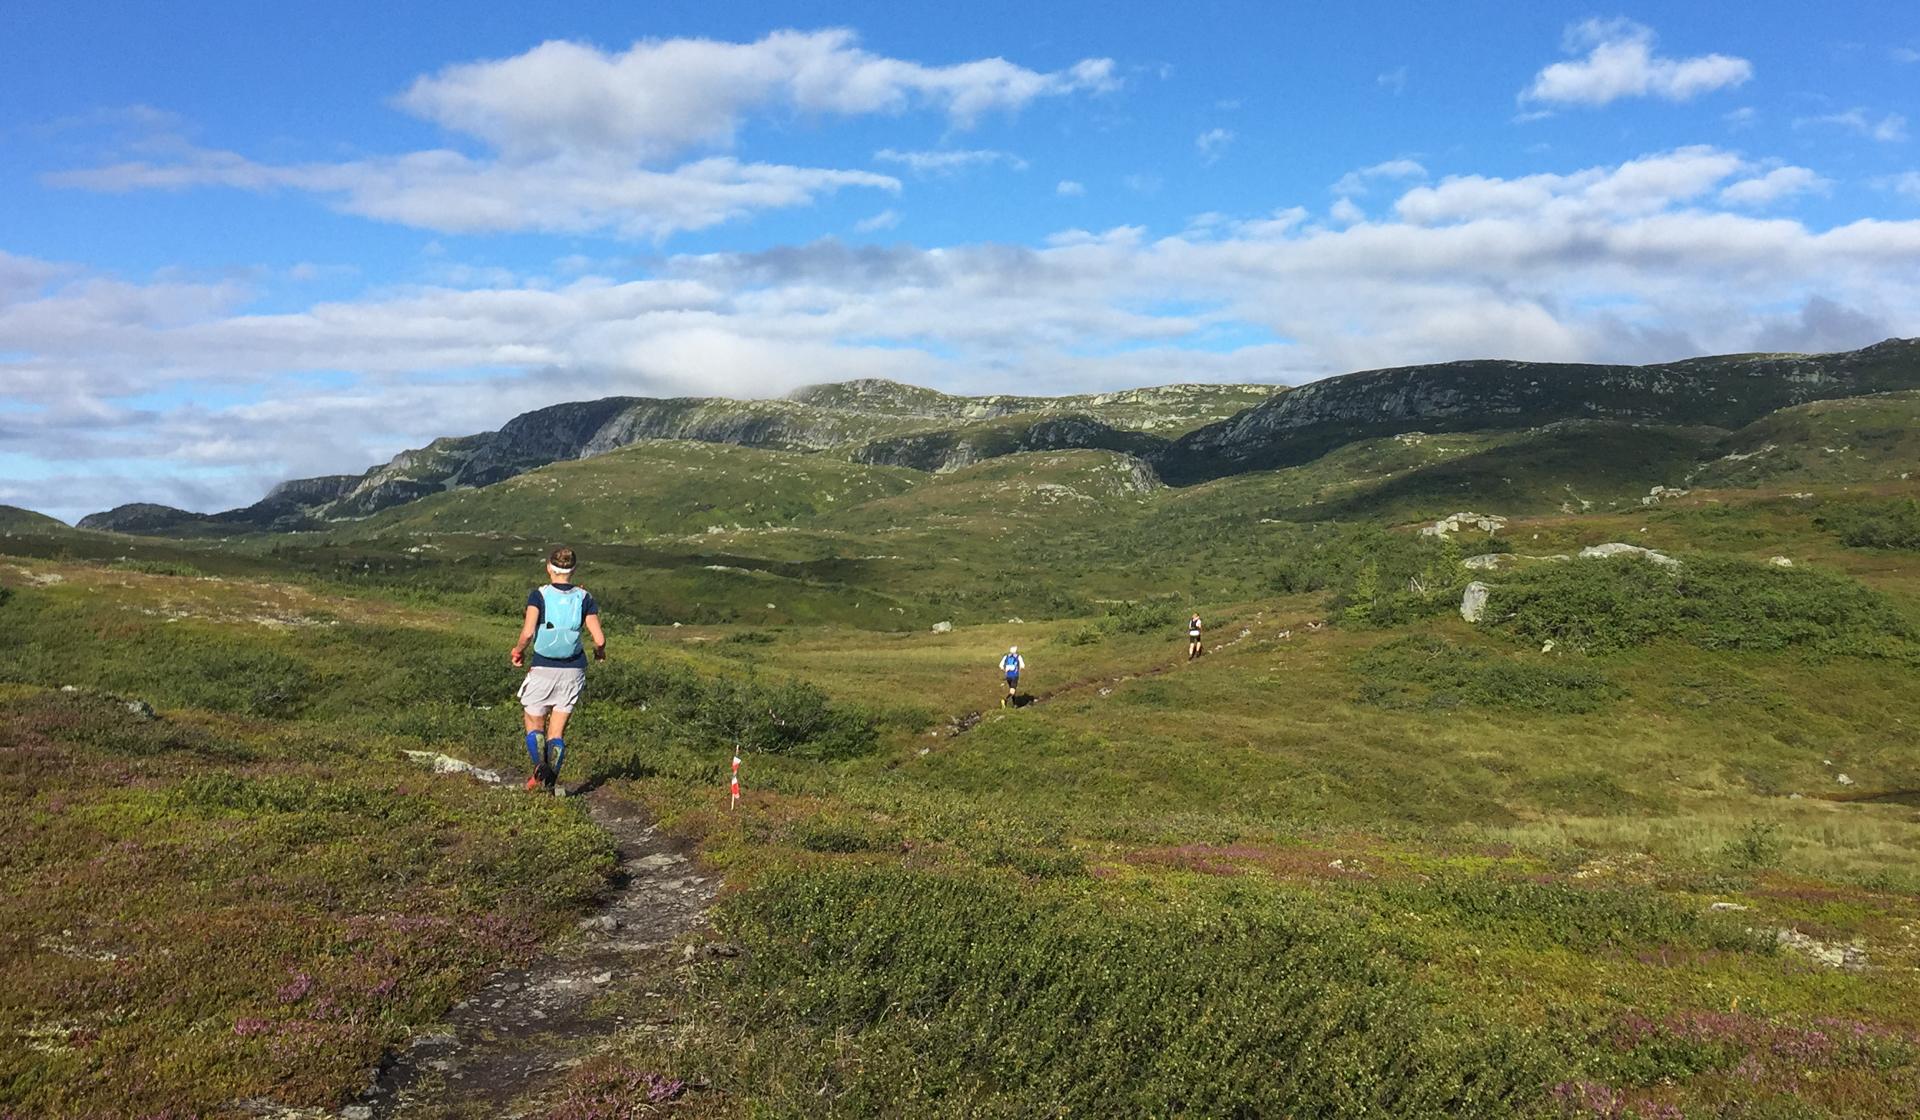 Da vi er 1000 meter over havet åpenbarer det seg et fantastisk landskap å løpe i. Her er det mye tørrere og det flater ut.